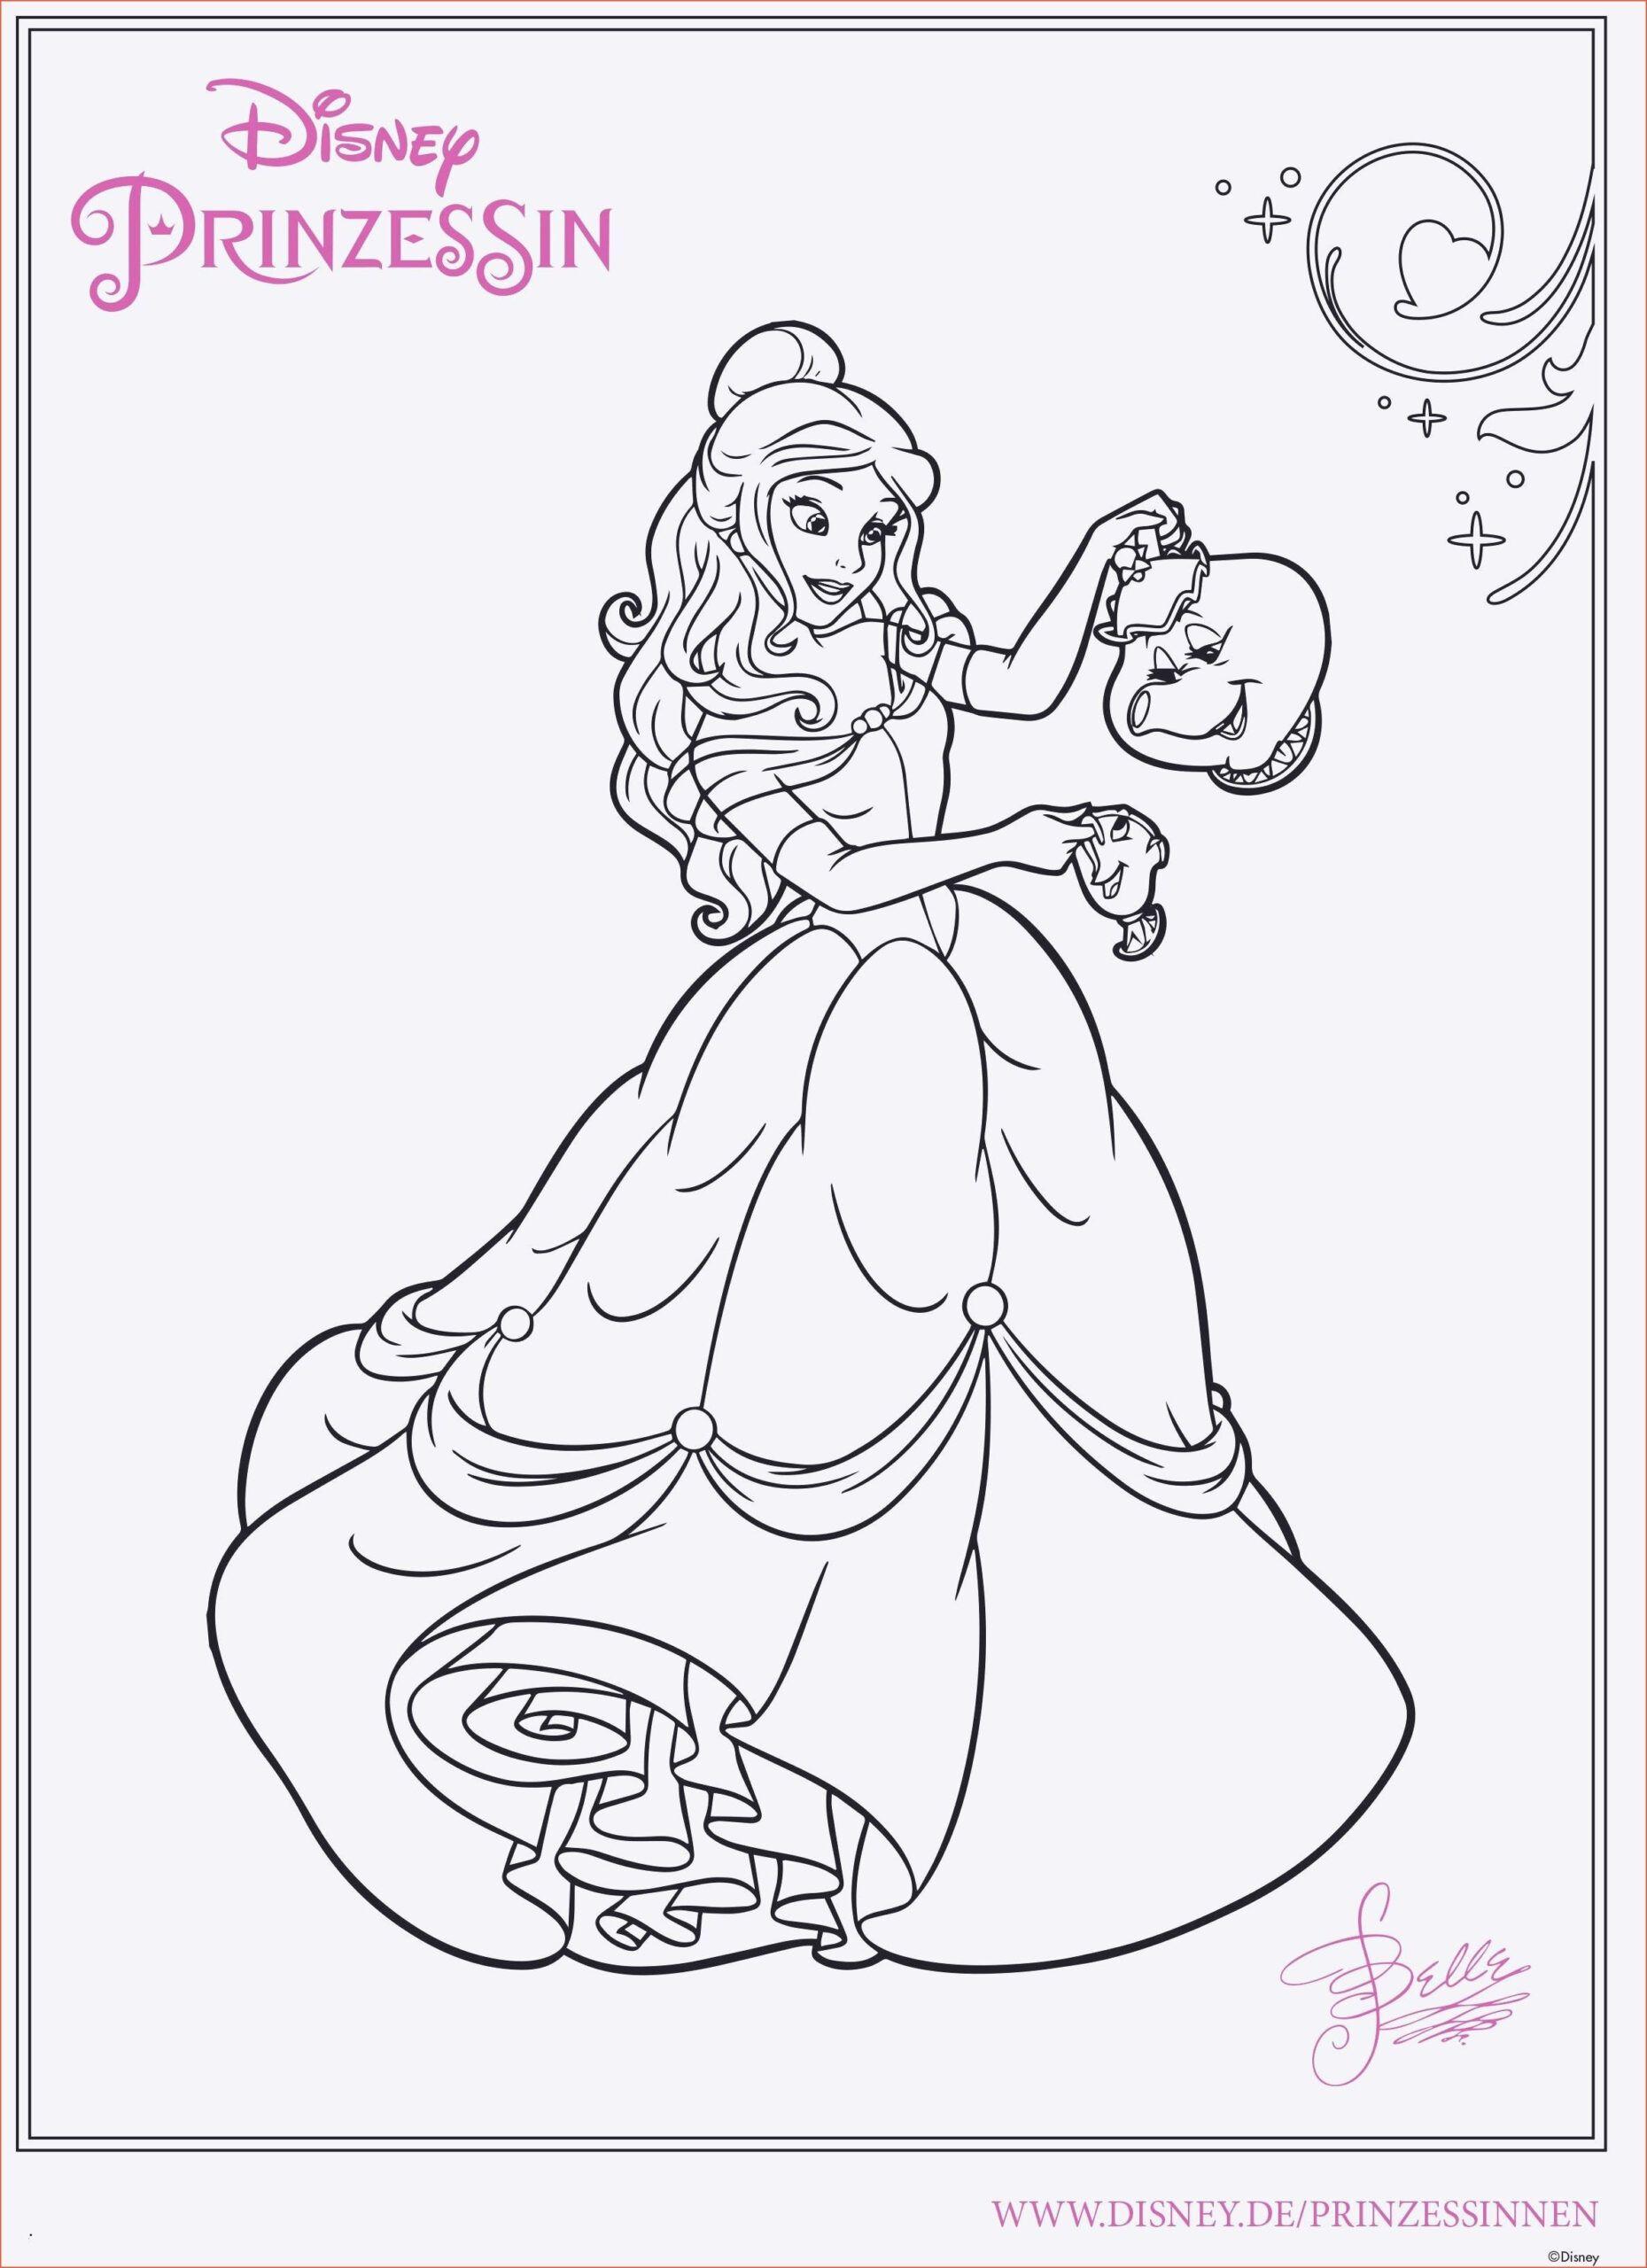 57 Einzigartig Disney Ausmalbilder Gratis Zum Drucken Stock Ausmalbilder Mandala Malvorlagen Disney Malvorlagen